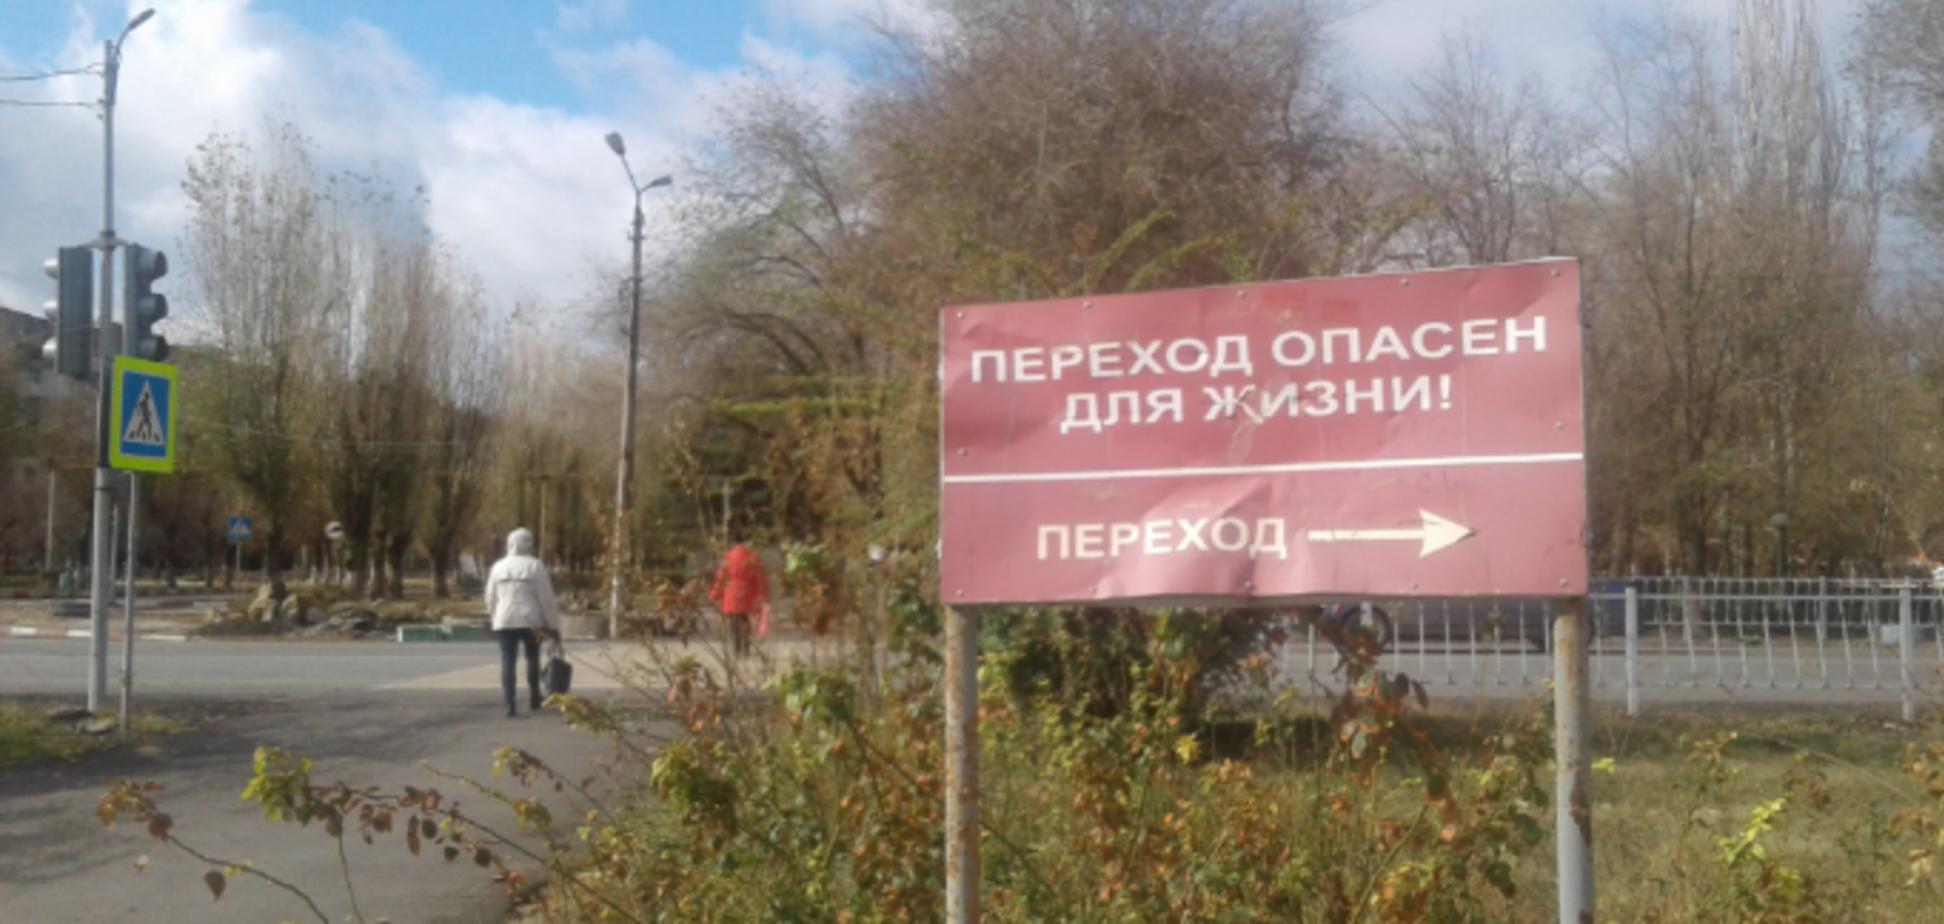 Город-катастрофа: появились новые фото и видео из Армянска